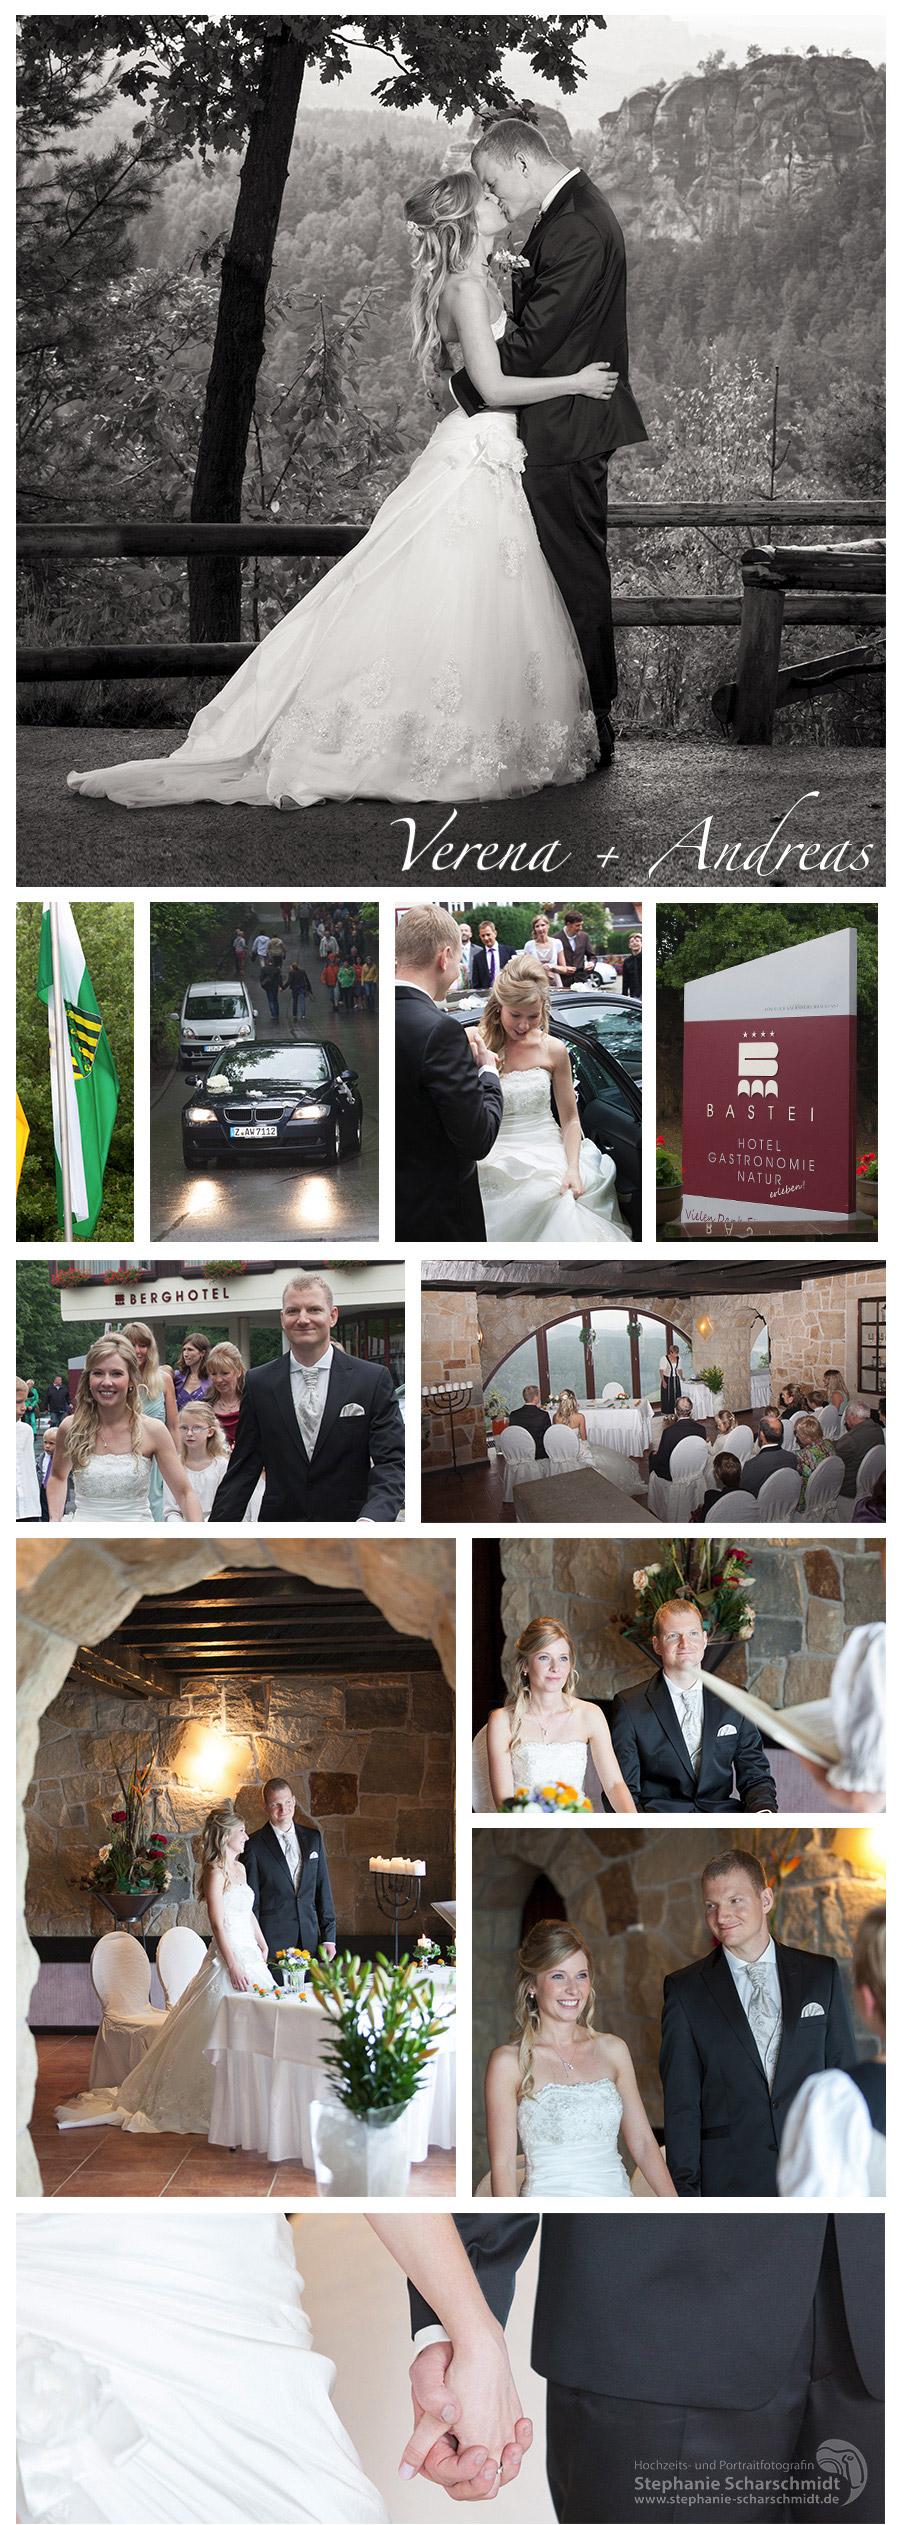 Hochzeitsfotograf in Sachsen Hochzeitsreportage in der Bastei Sächsische Schweiz standesamtliche Trauung Berghotel Bastei Bad Schandau Hochzeitsfotografin Stephanie Scharschmidt